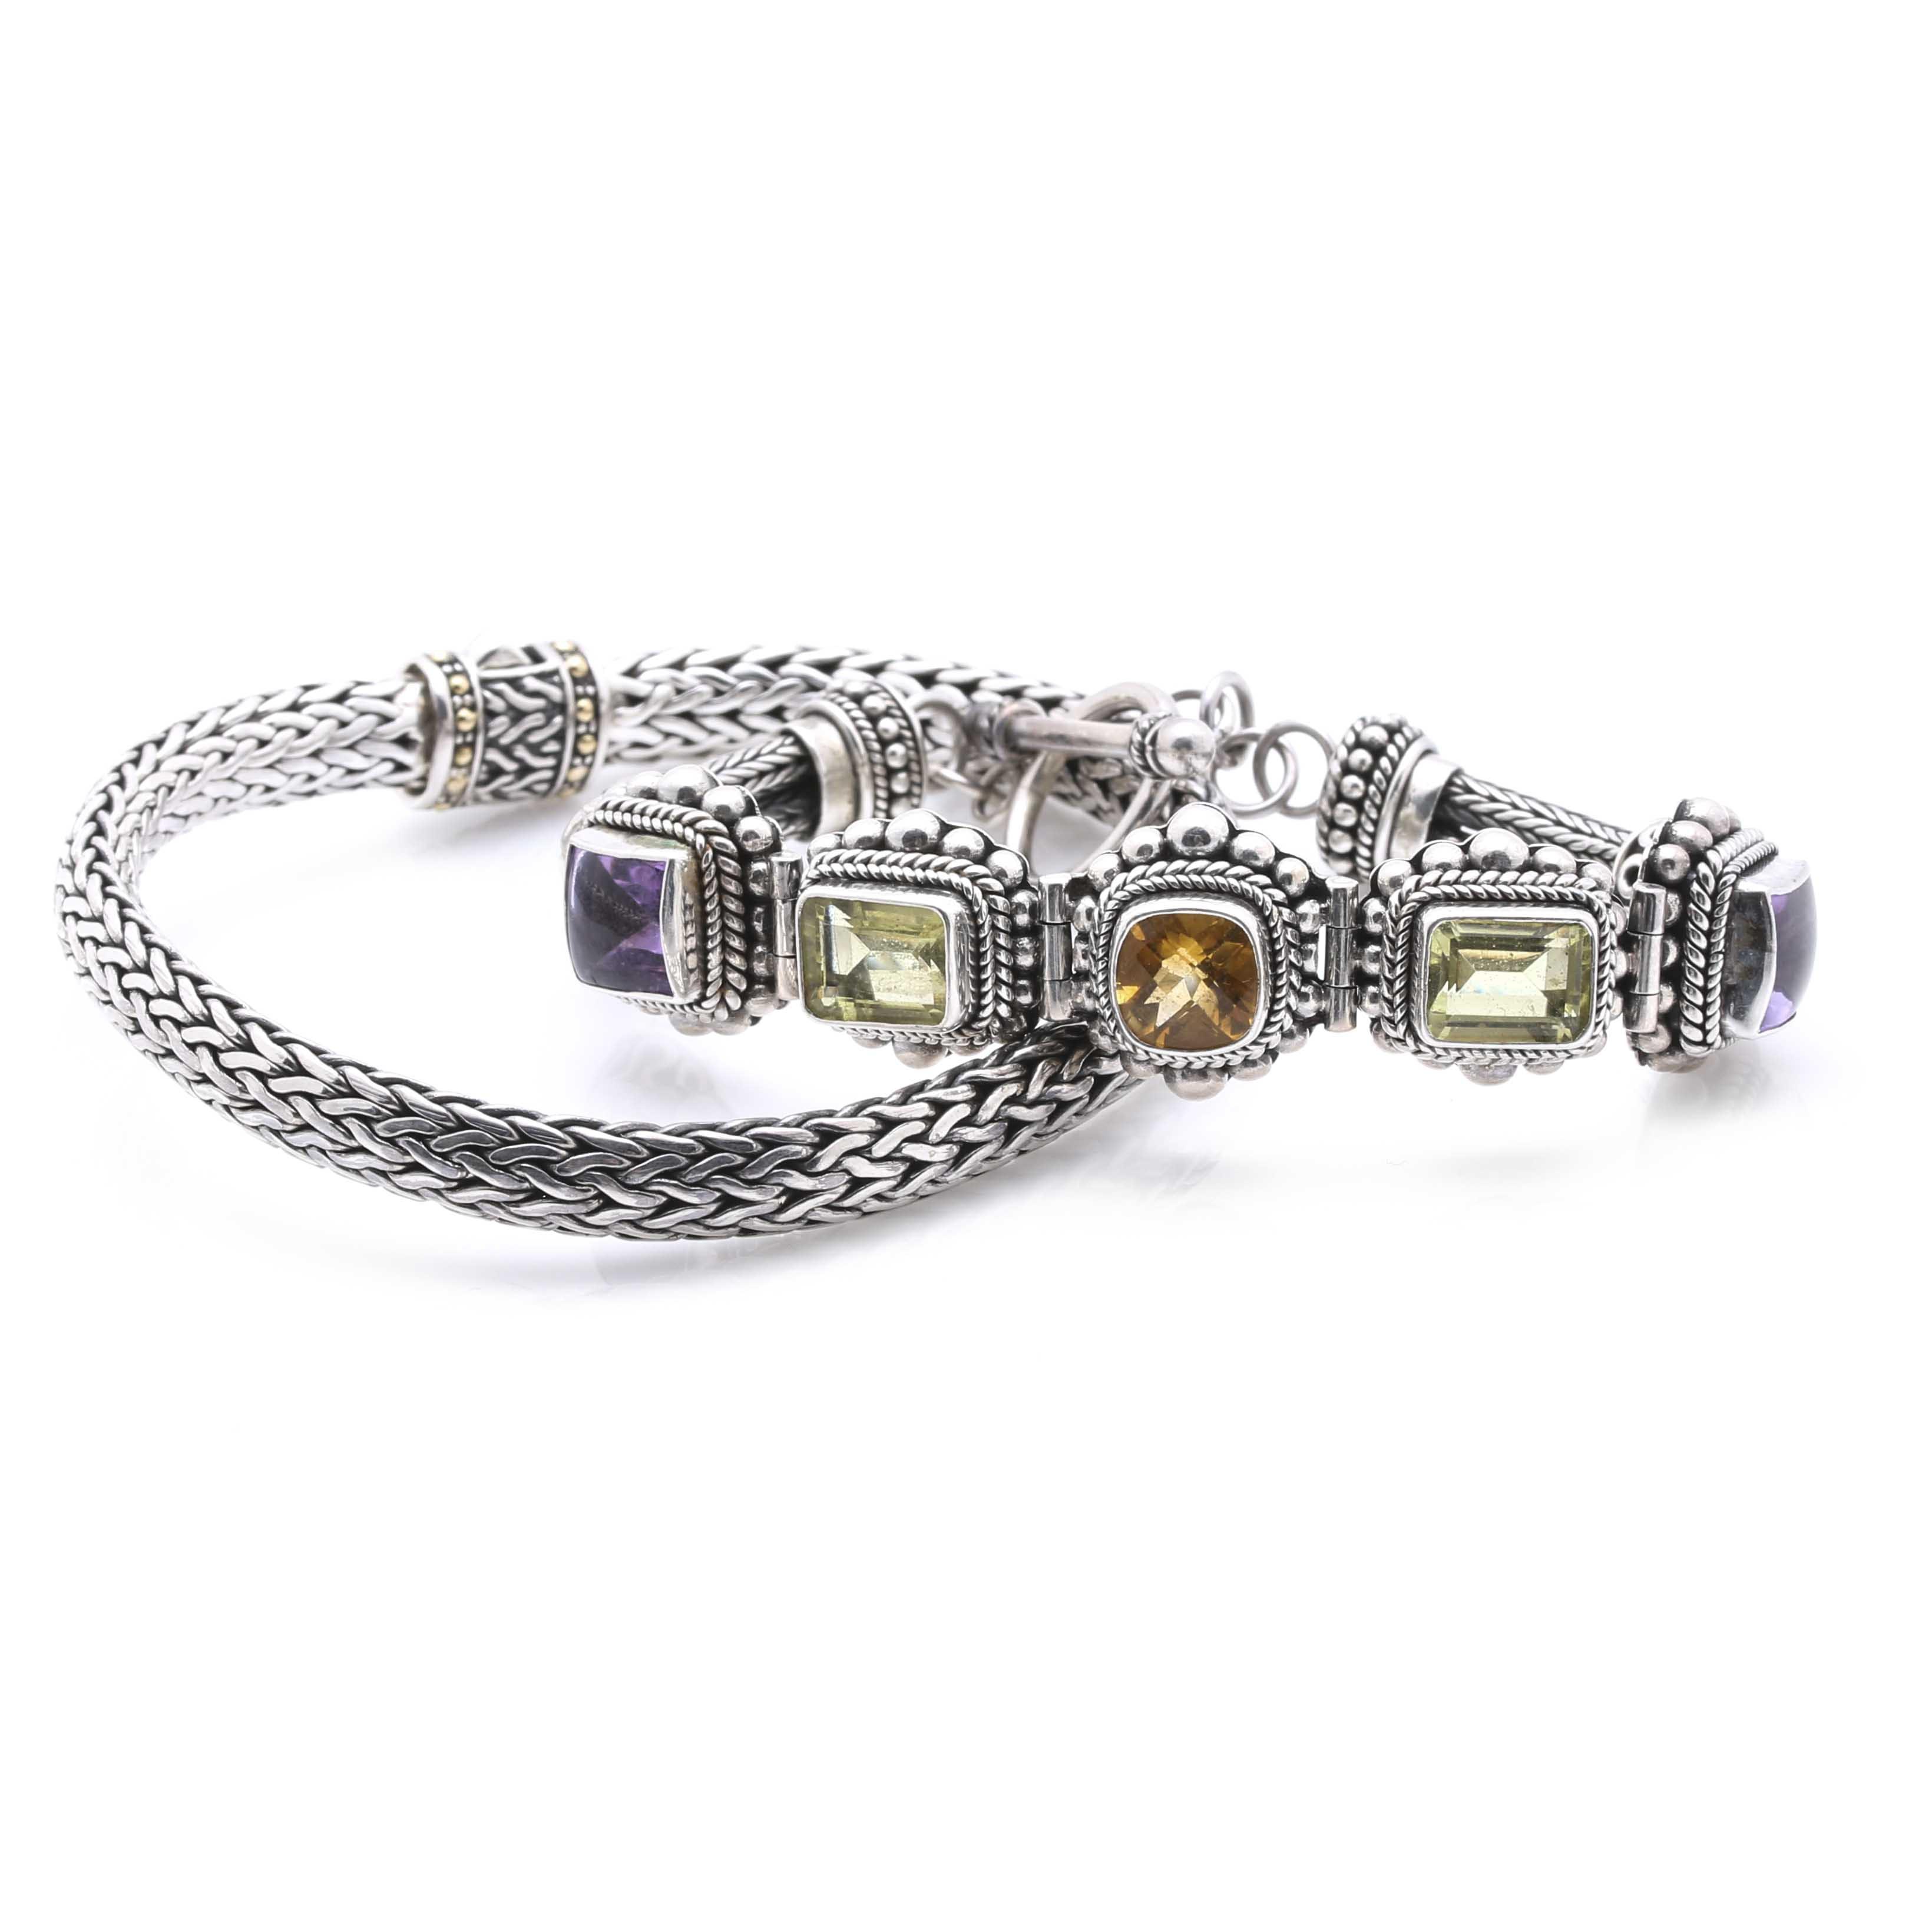 Sterling Silver Bracelets Including Prasiolite, Amethyst, and Citrine